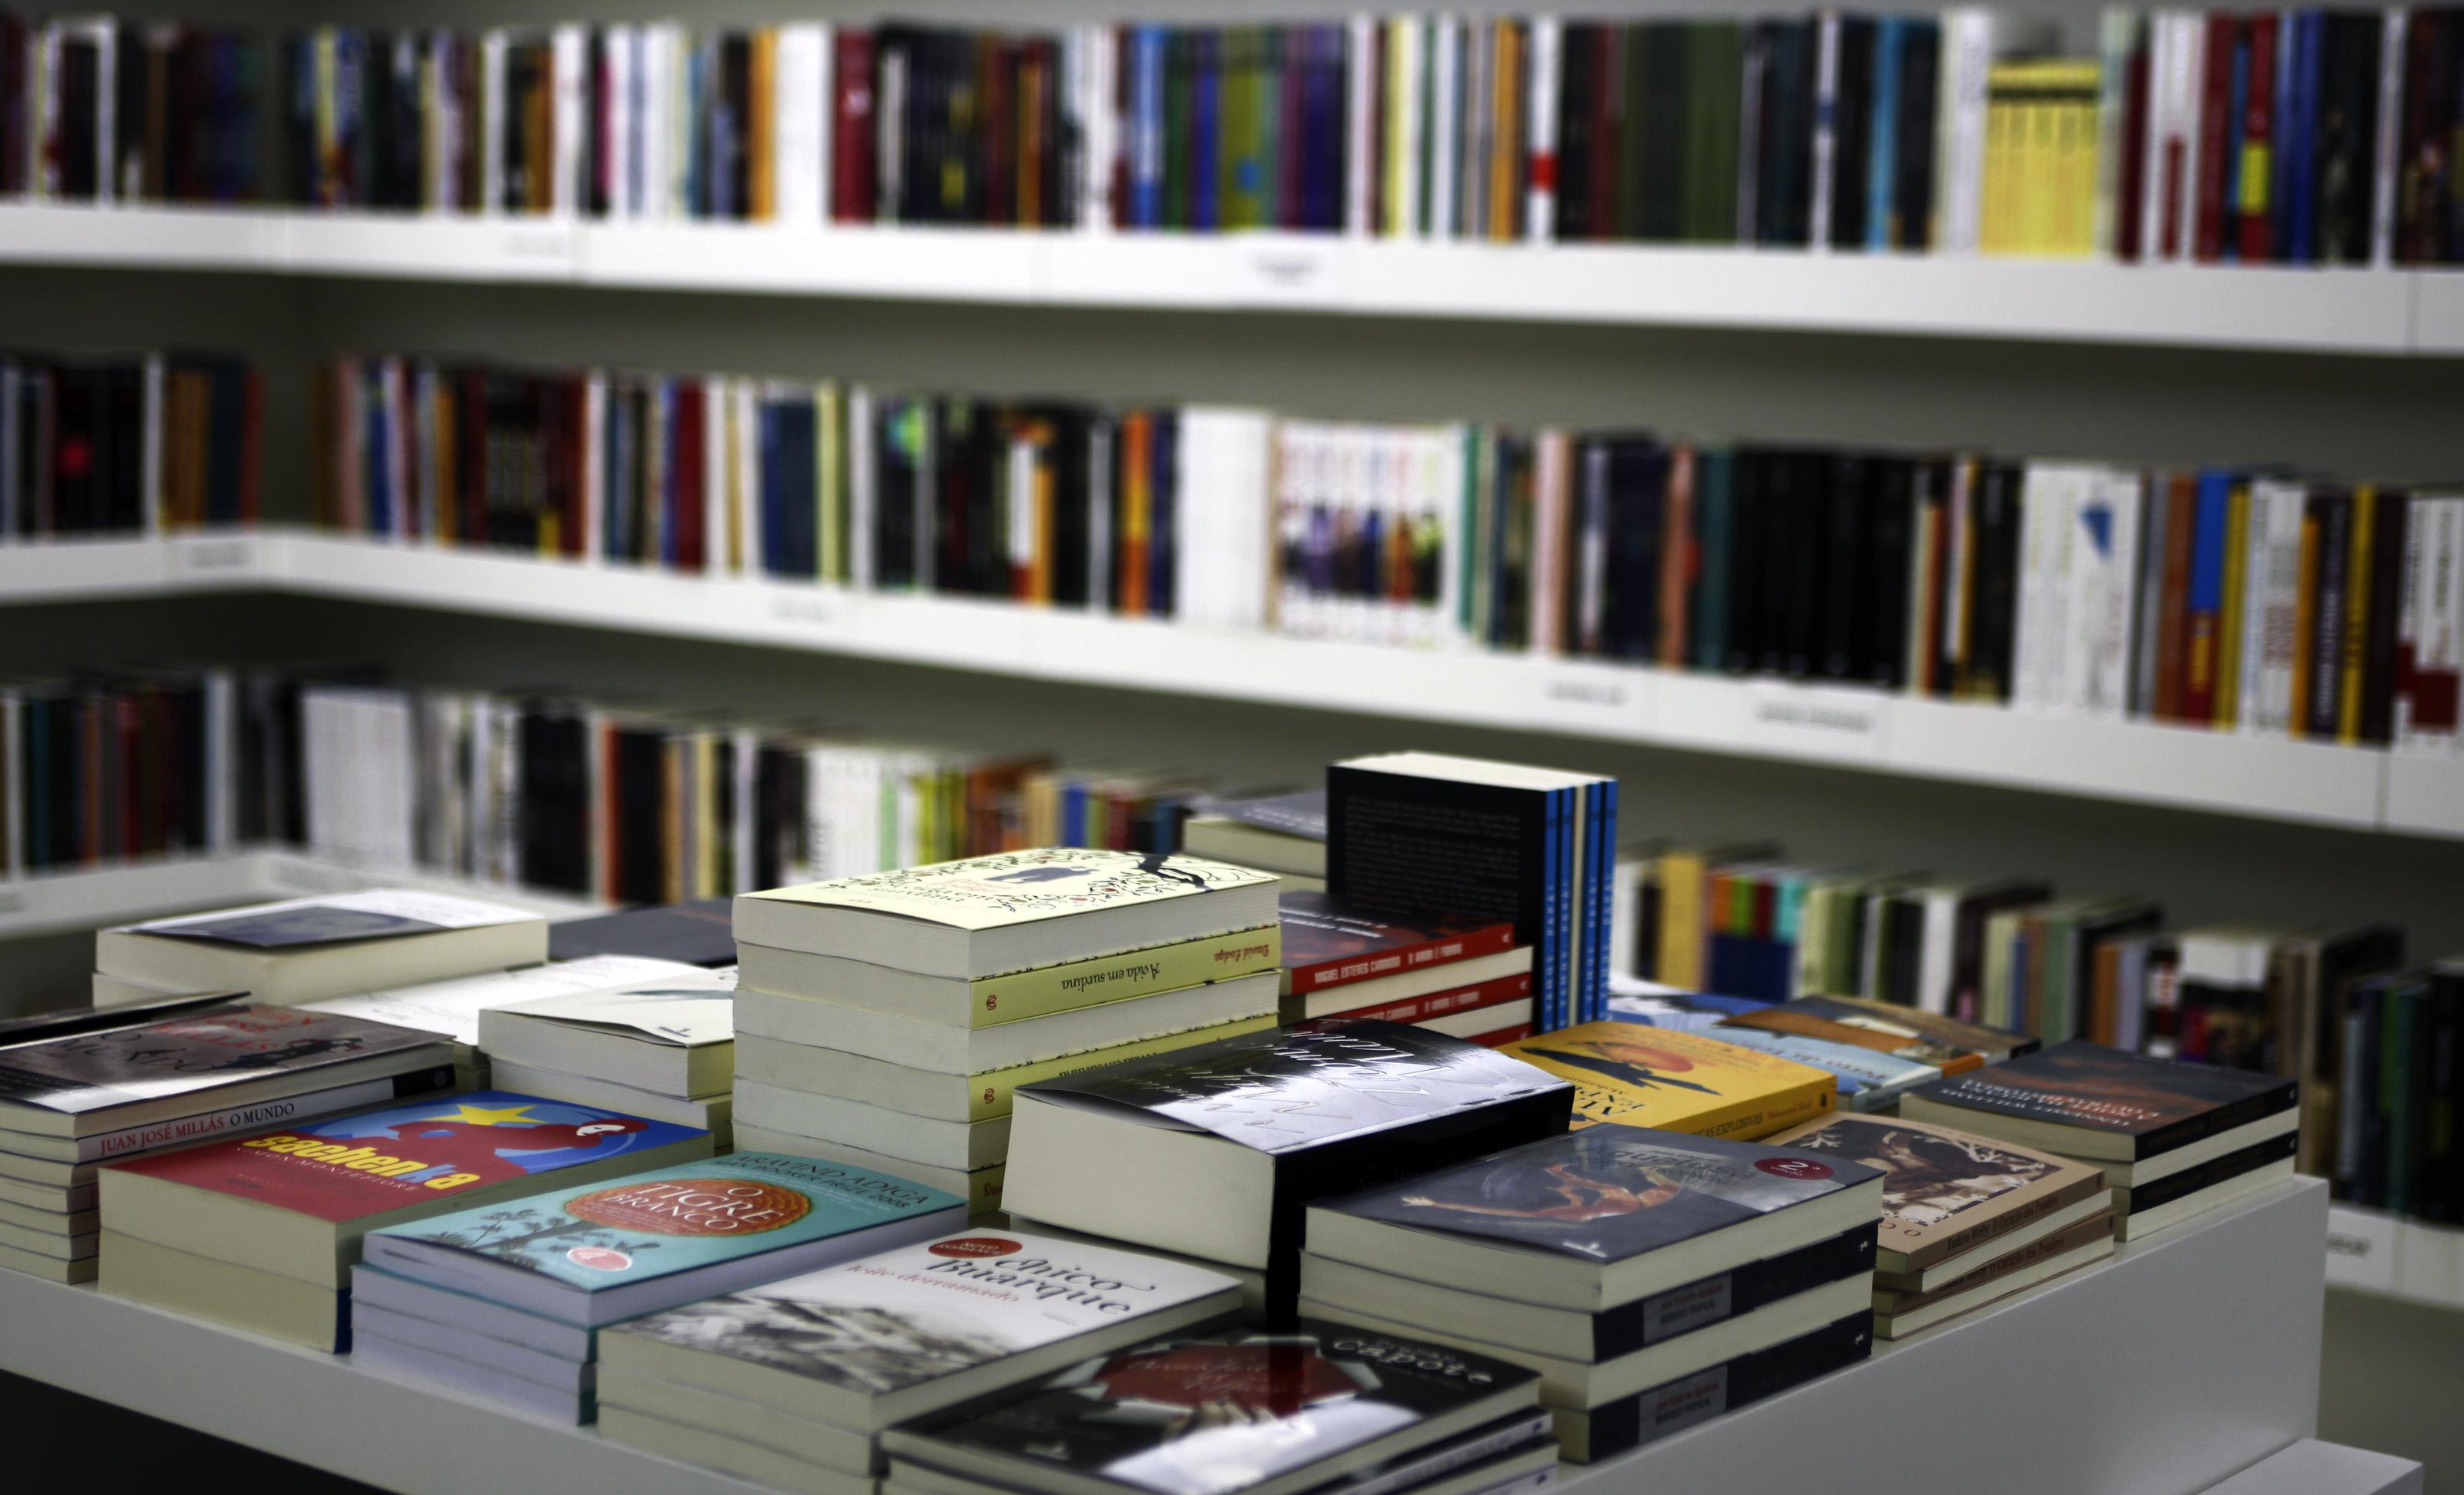 Flip termina com autores de Portugal e Angola entre os mais vendidos